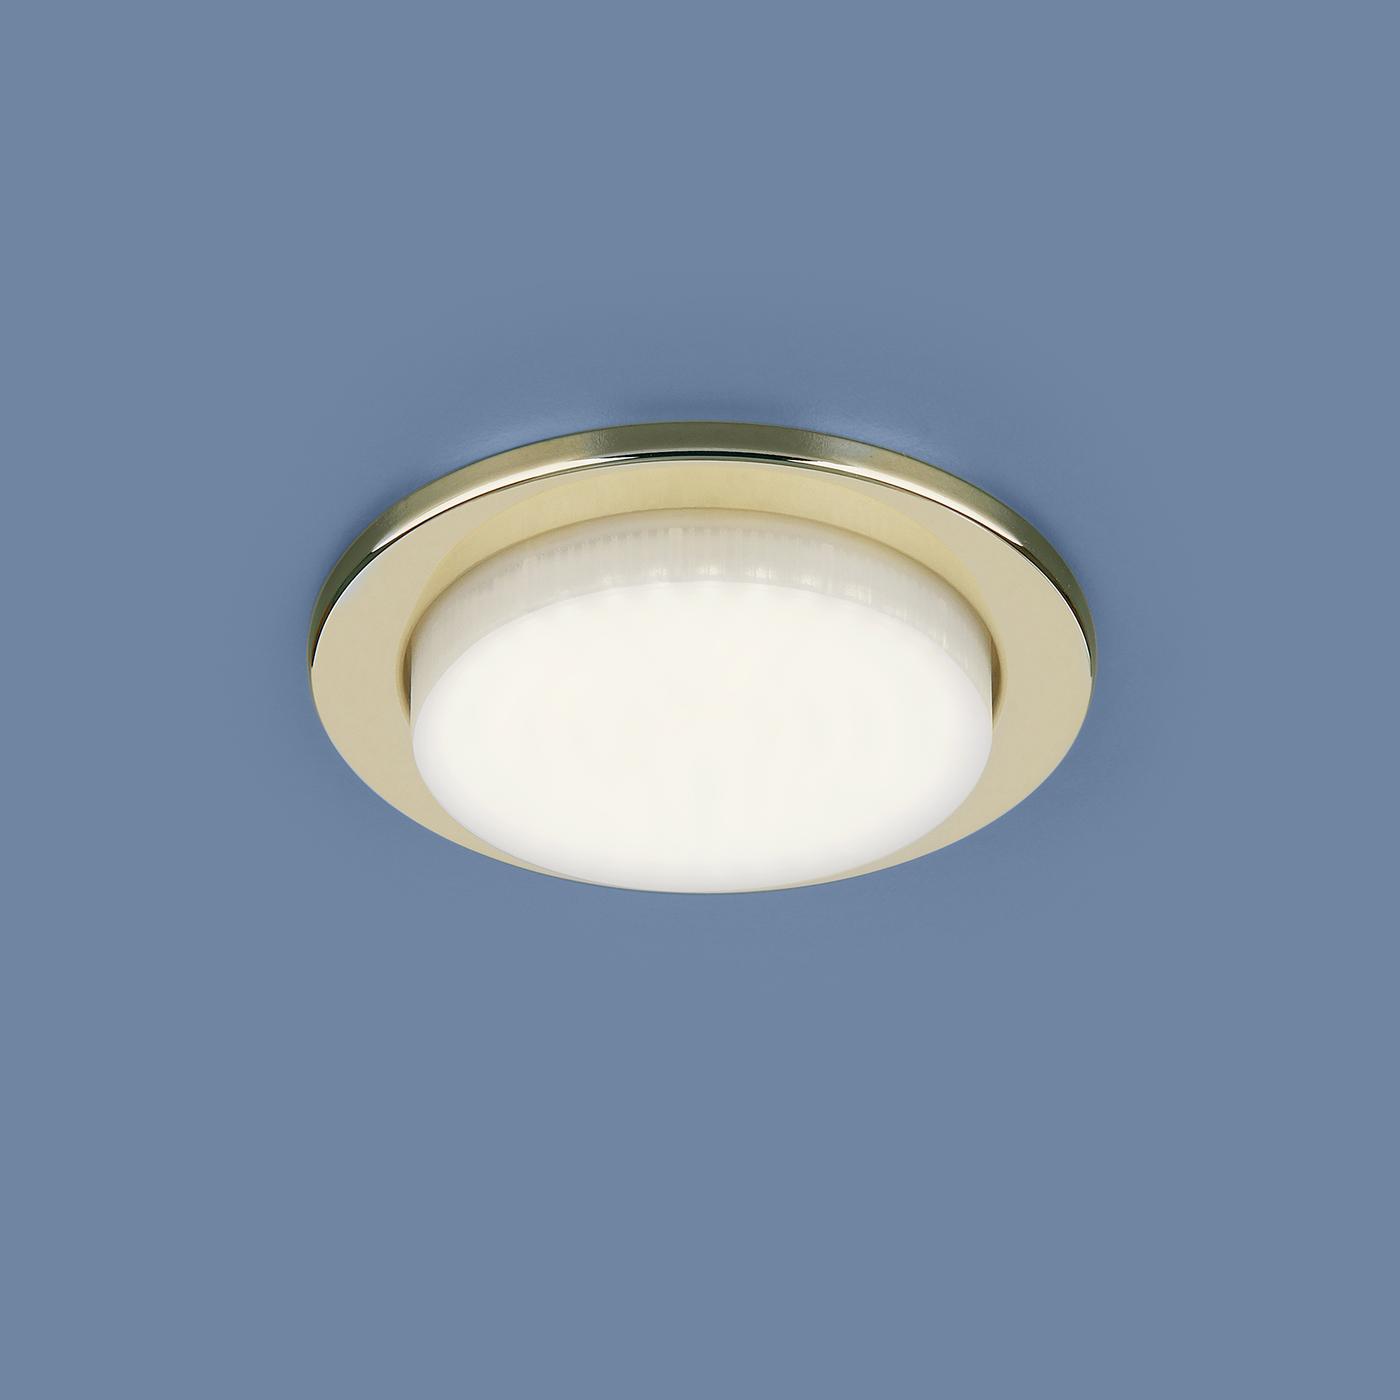 Встраиваемый светильник Elektrostandard потолочный 1035 GX53 GD, GX53 светильник встраиваемый escada milano gu5 3 001 gd